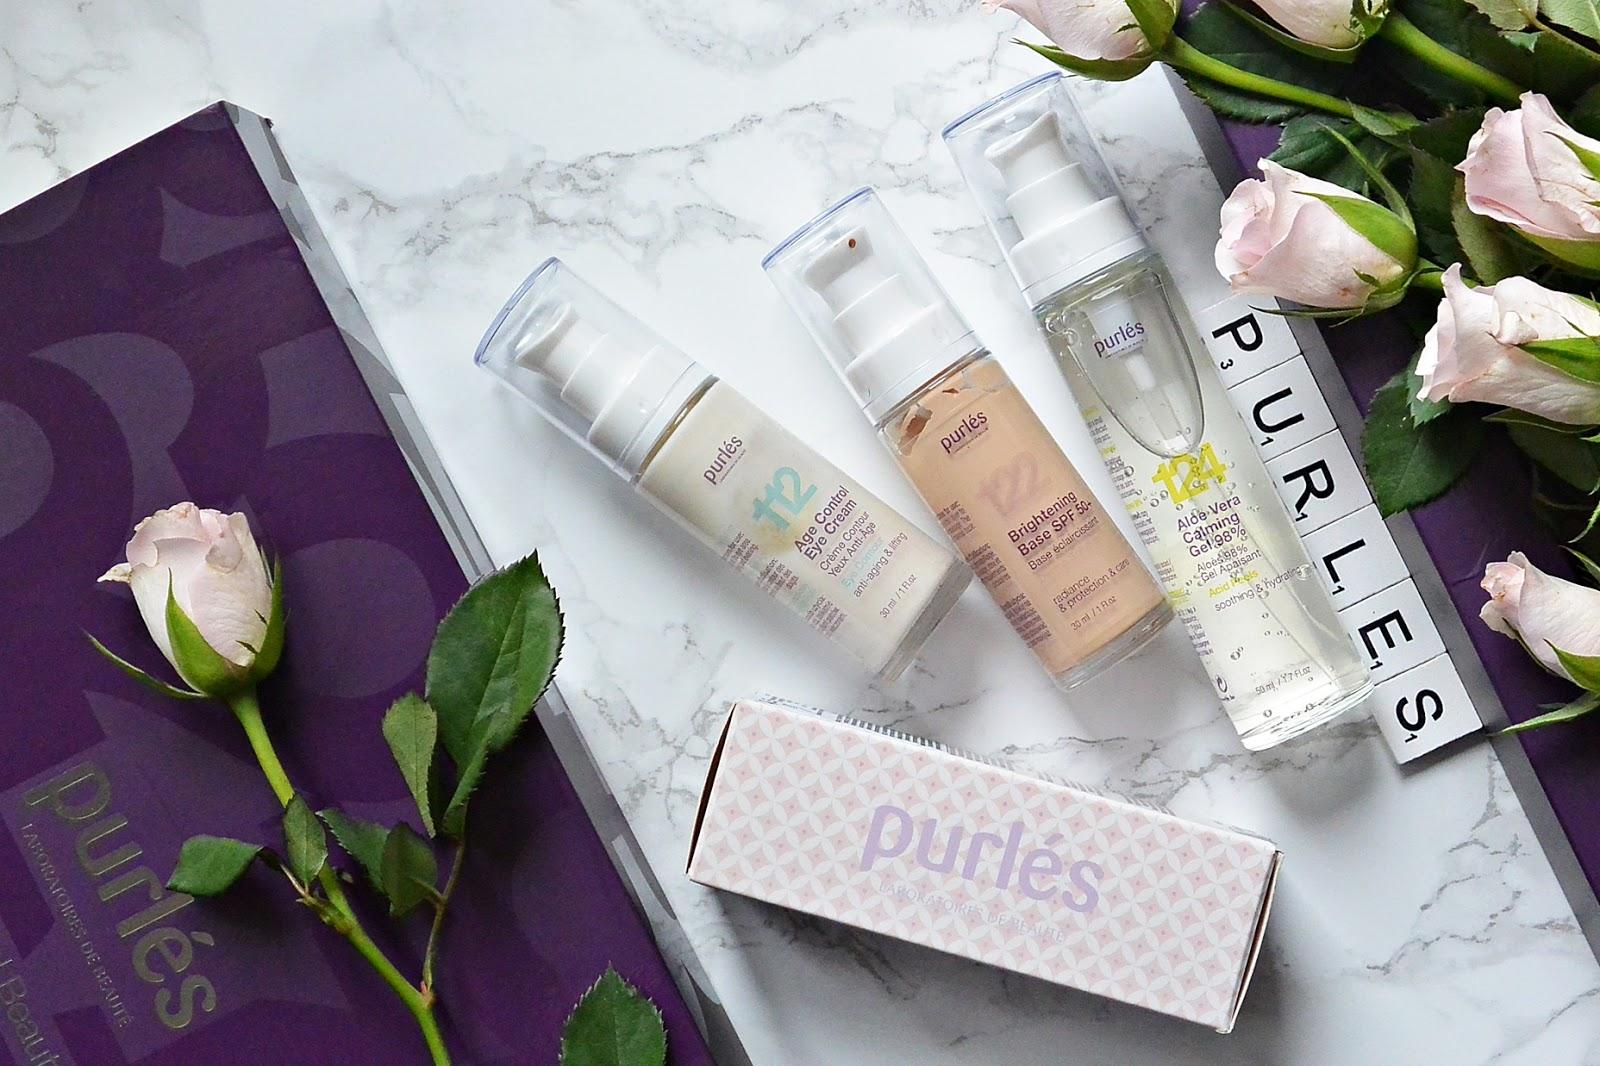 Purlés | profesjonalne produkty do pielęgnacji twarzy